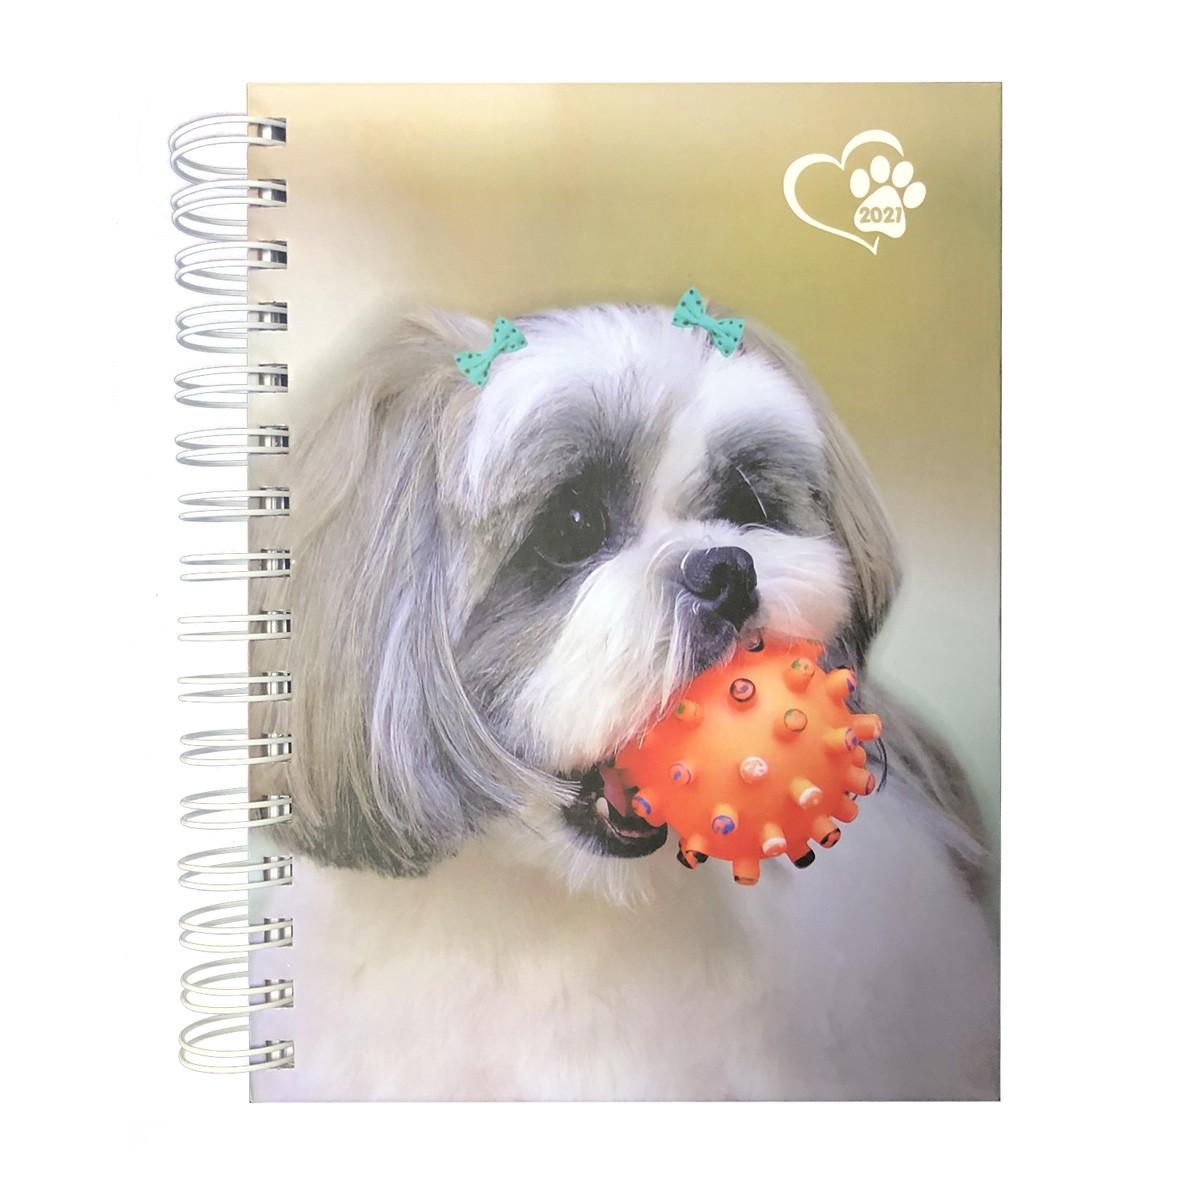 Agenda Pautada A5 168fls 2021 Dog  Cão doSul